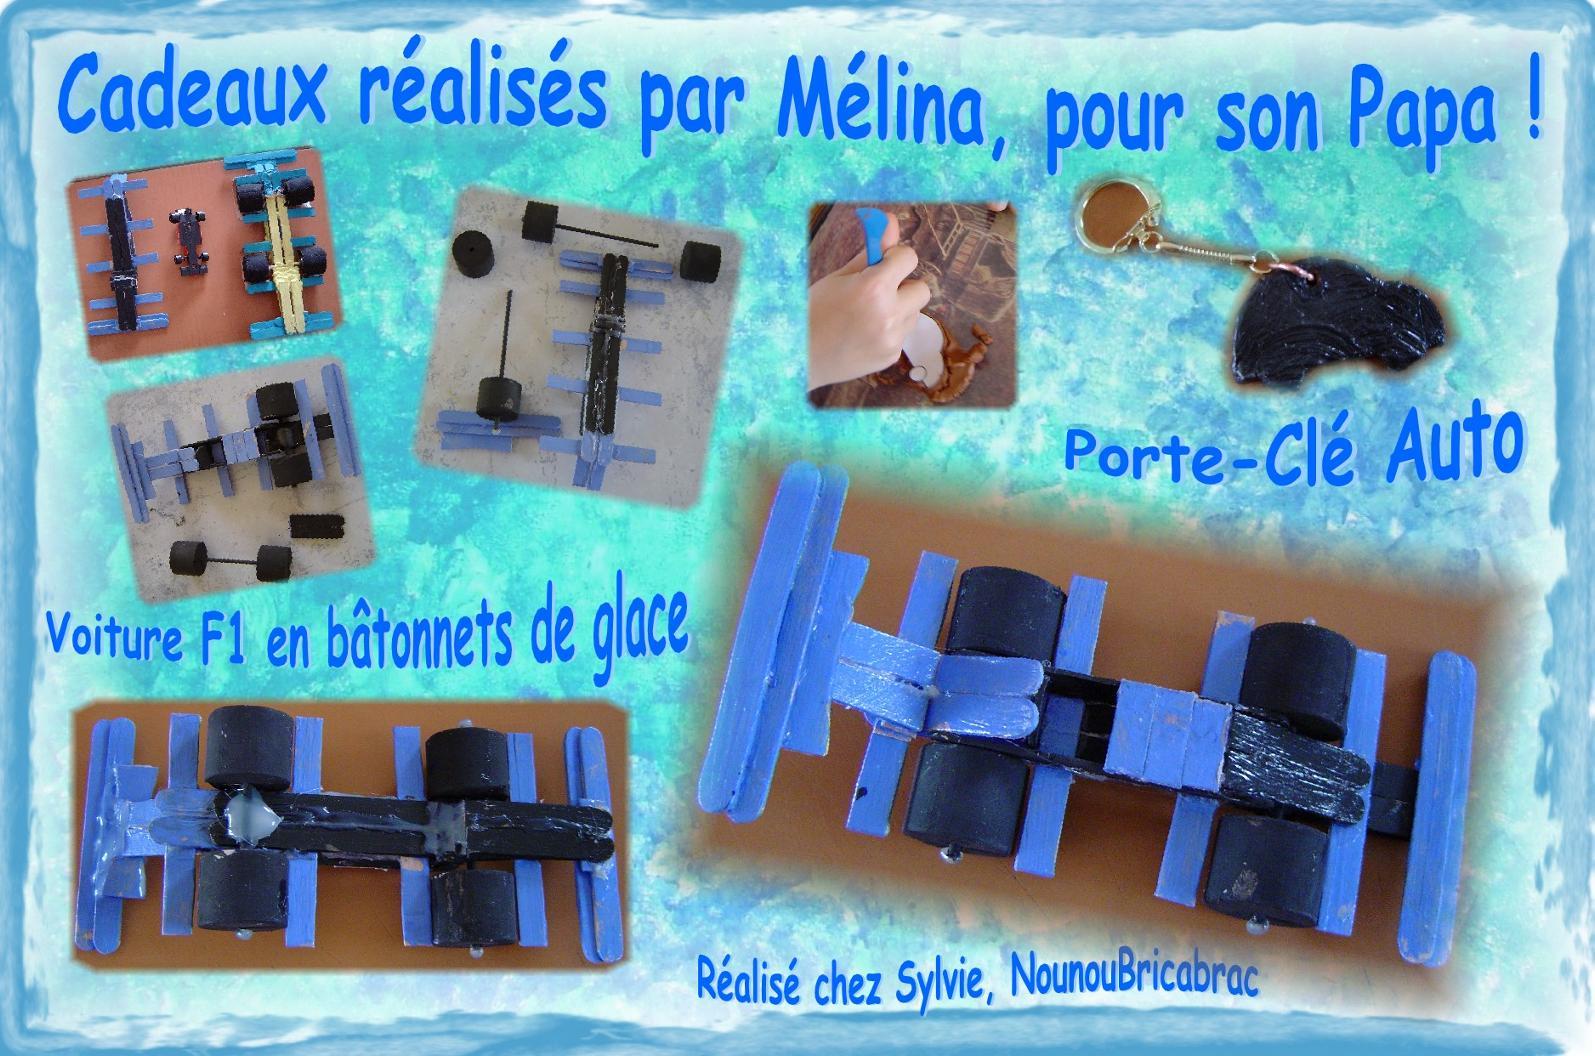 F1 en bâtonnets et Porte Clé... Cadeaux réalisés par Mélina !